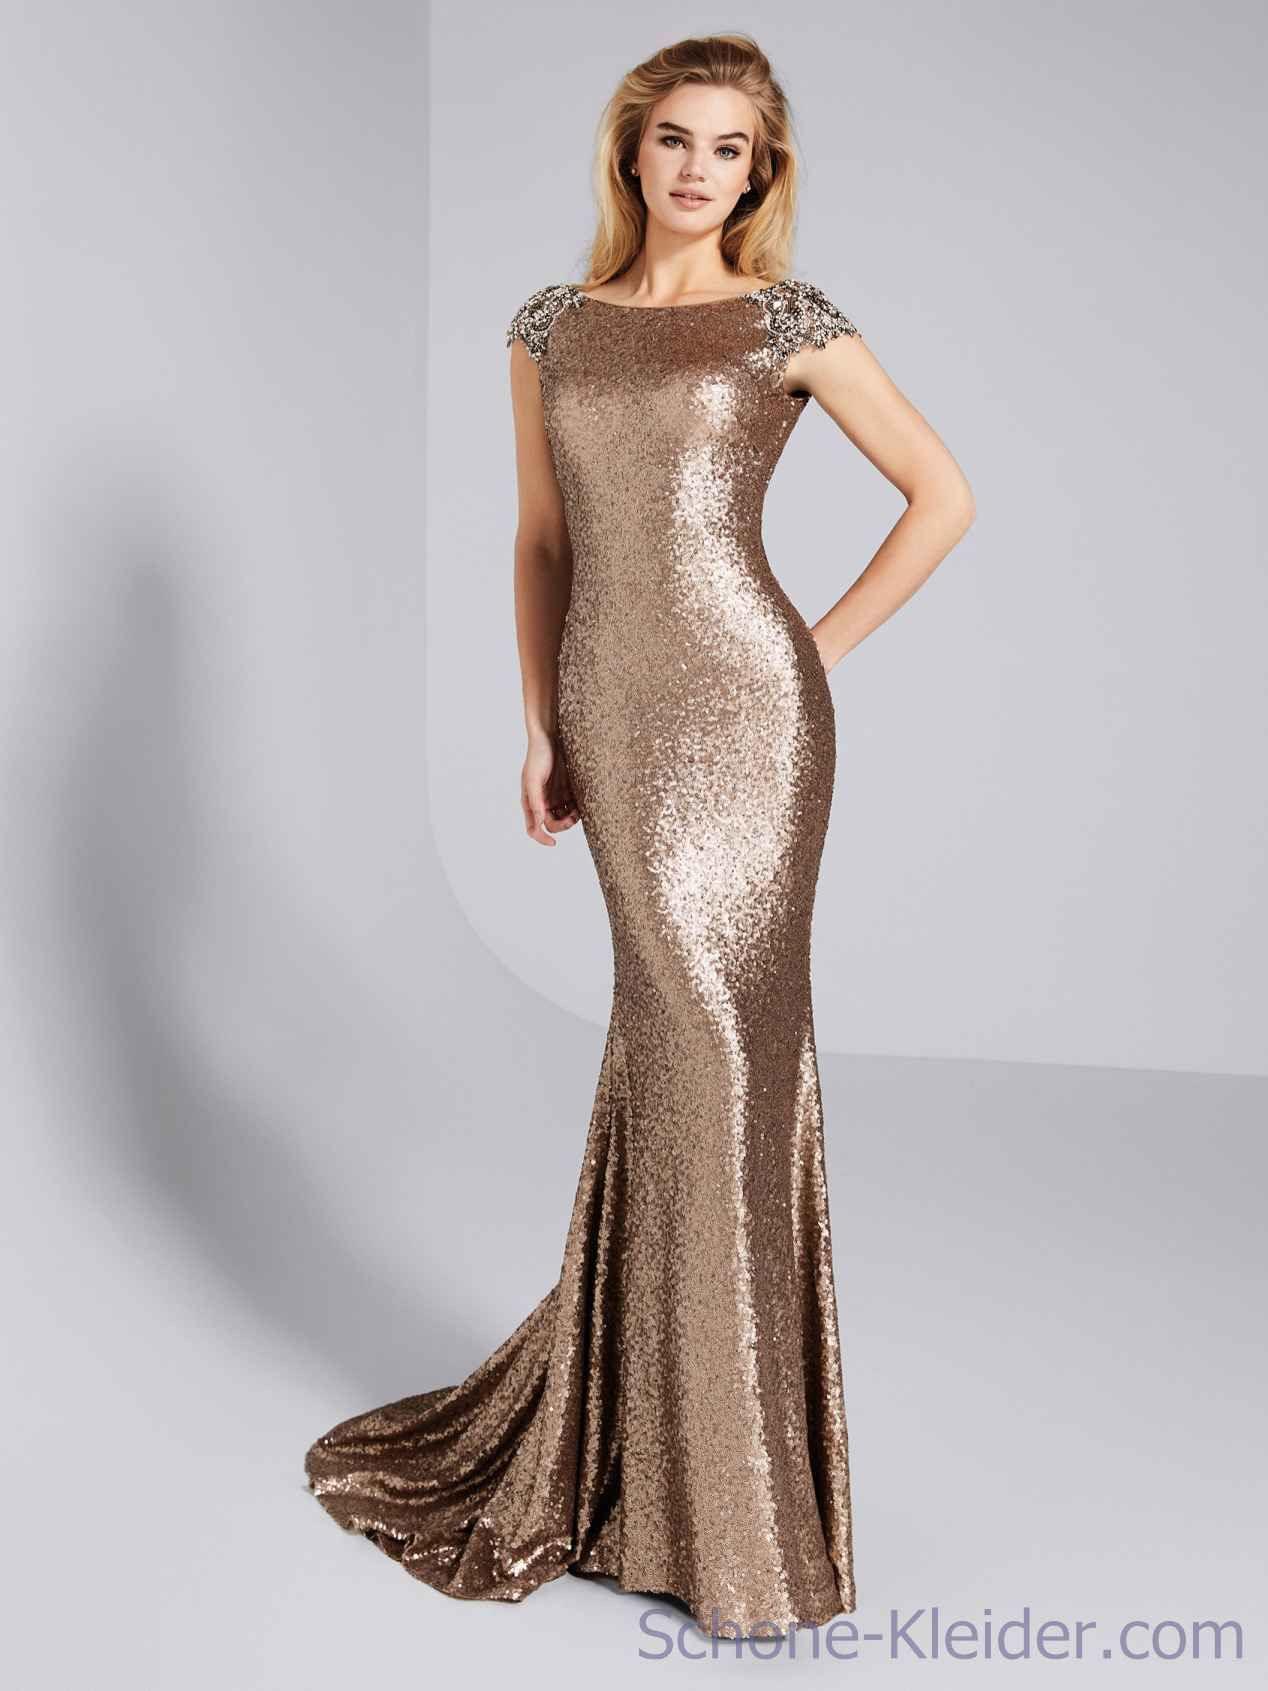 Schön Wo Schöne Abendkleider Kaufen BoutiqueFormal Ausgezeichnet Wo Schöne Abendkleider Kaufen für 2019